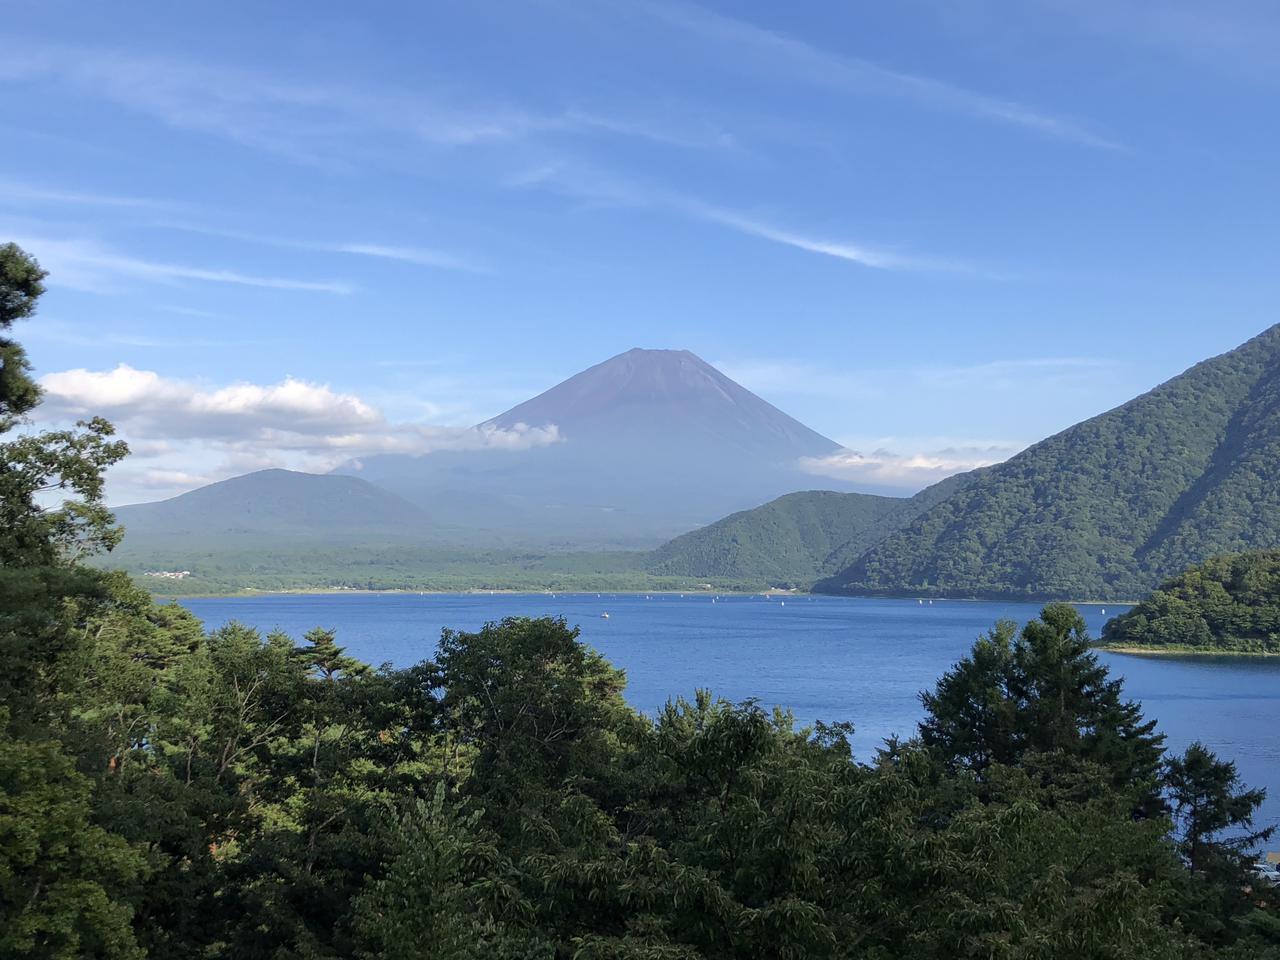 画像: 富士山麓周辺は見どころがいっぱい! 本栖湖だけではなく、ワイナリー・桜と五重塔など観光してみよう